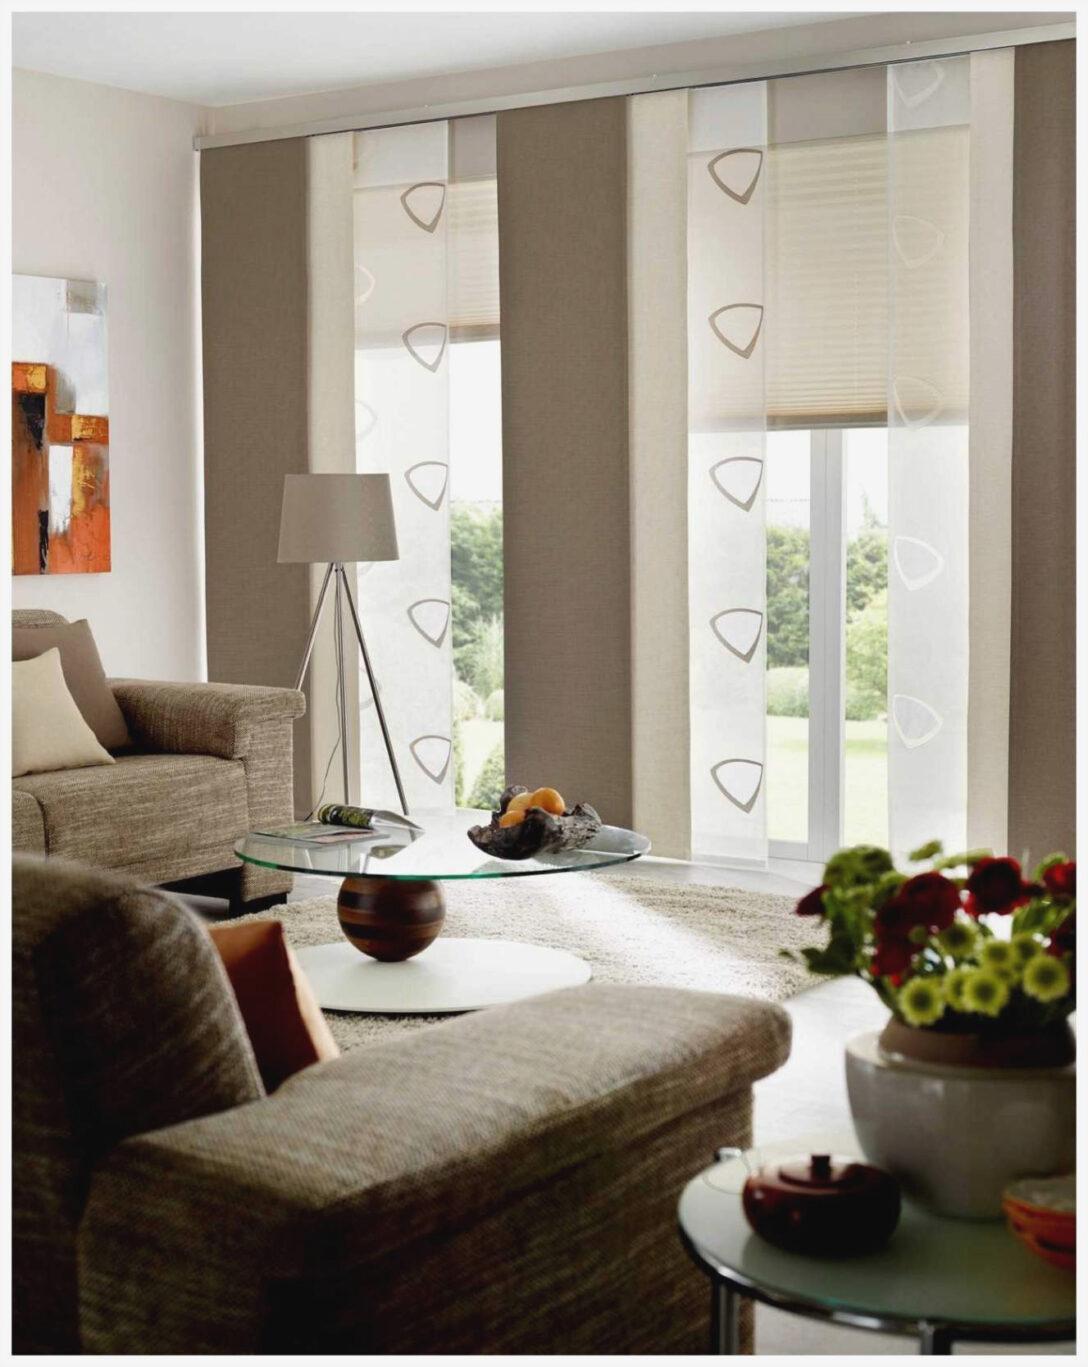 Large Size of Fenster Gardinen Scheibengardinen Küche Für Wohnzimmer Schlafzimmer Die Gardine Wohnzimmer Balkontür Gardine